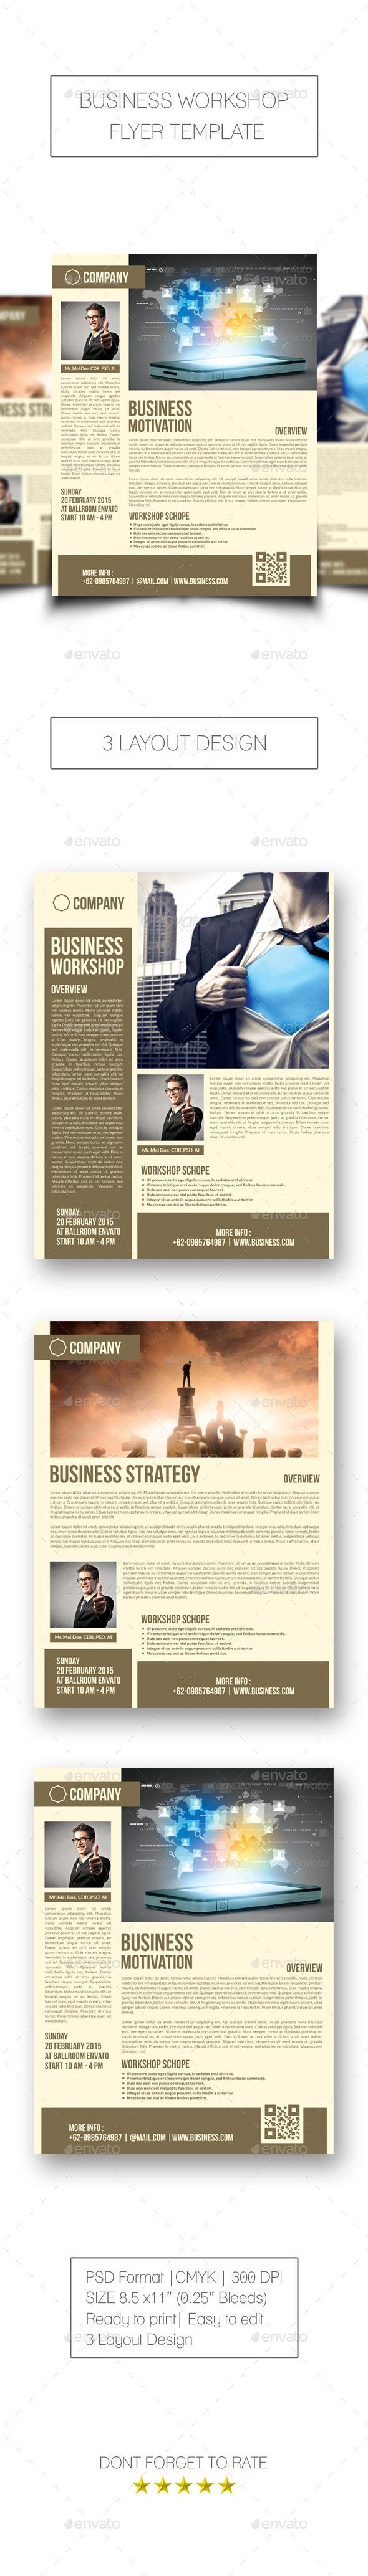 GraphicRiver Business Workshop Flyer 10243007